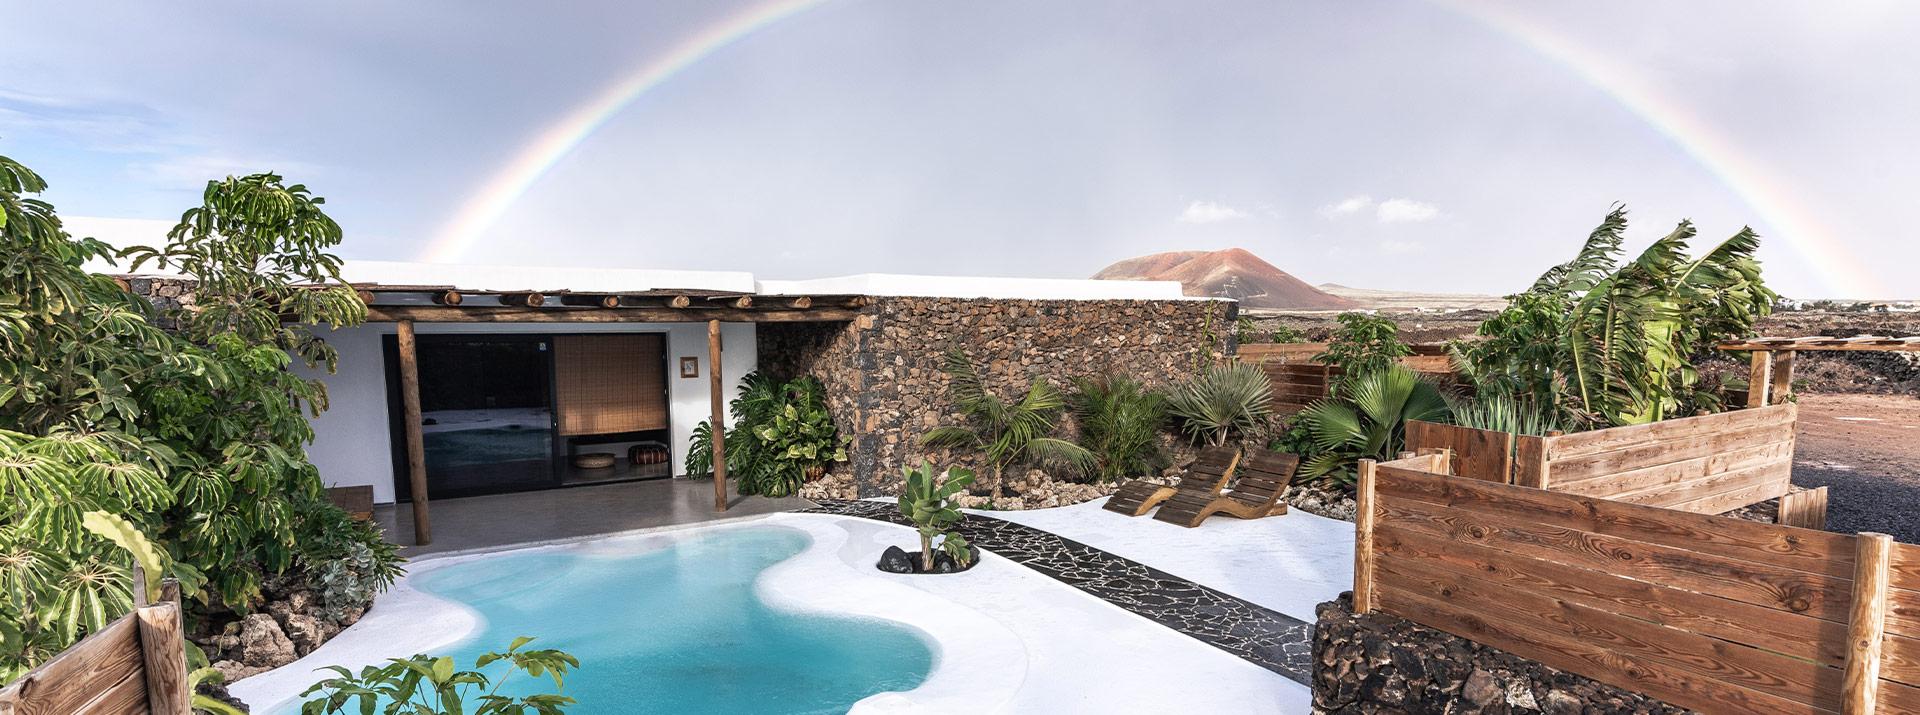 El Nawal Villas en Fuerteventura